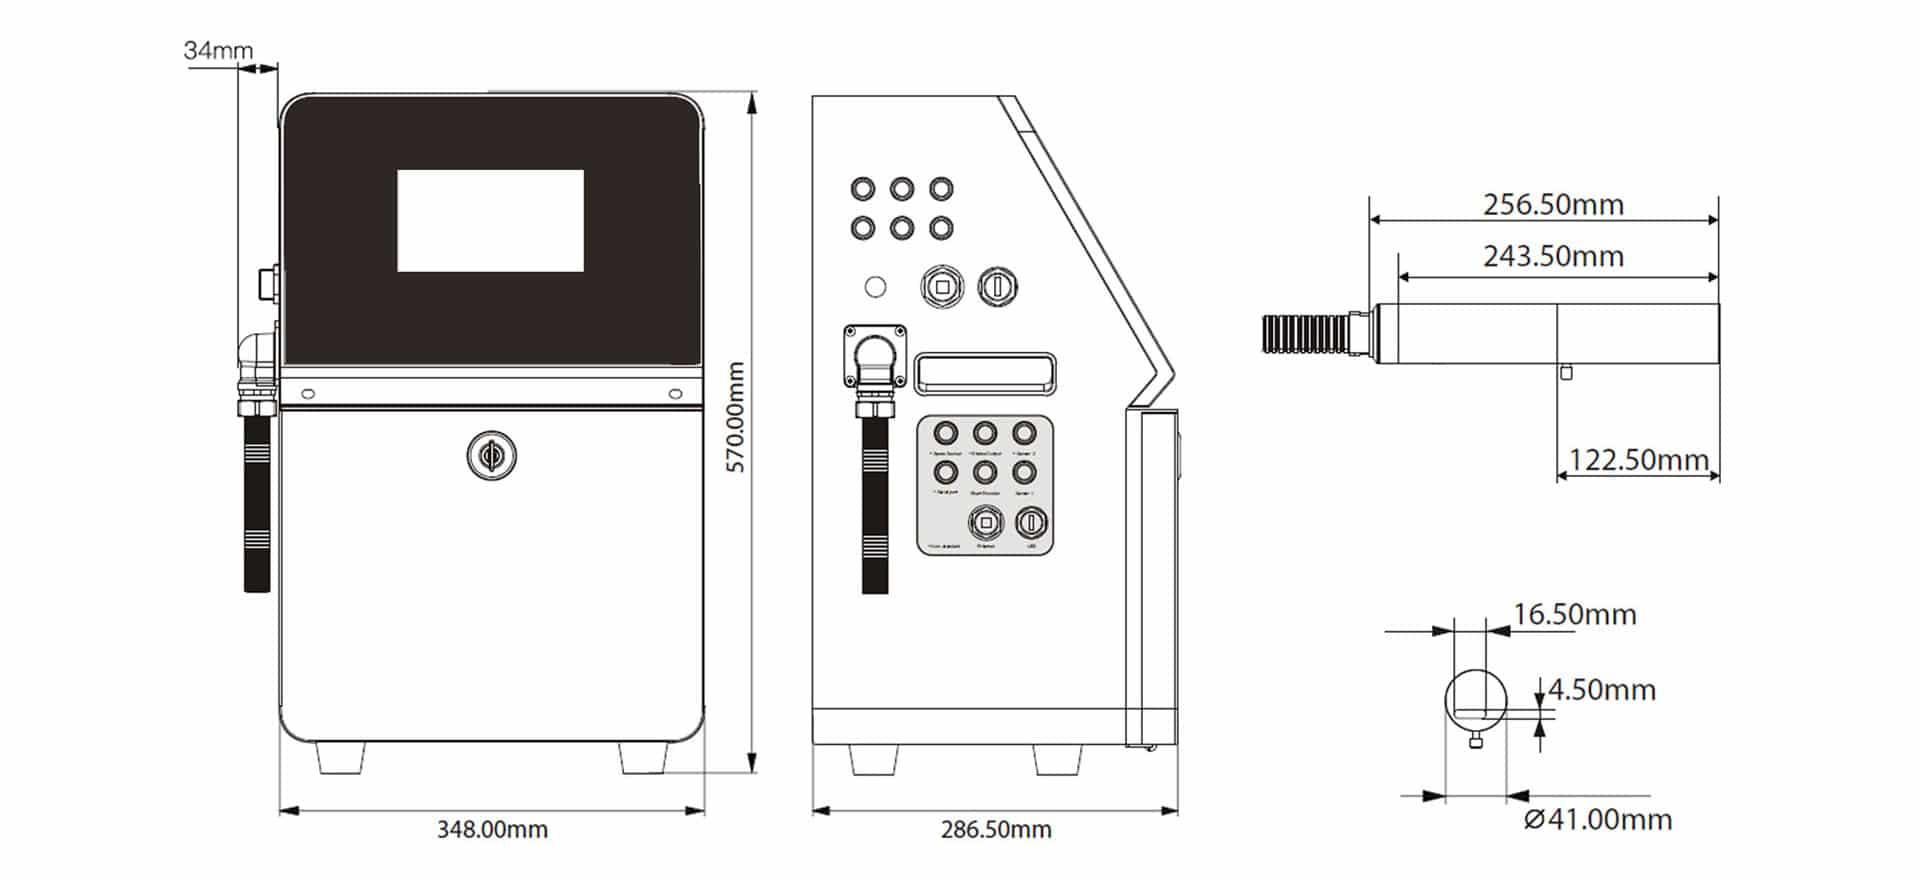 КРАПЛЕСТРУМЕНЕВИЙ МАРКУВАЛЬНИК FASTJET F550 PLUS FASTJET F530 PLUS розміри маркувальника